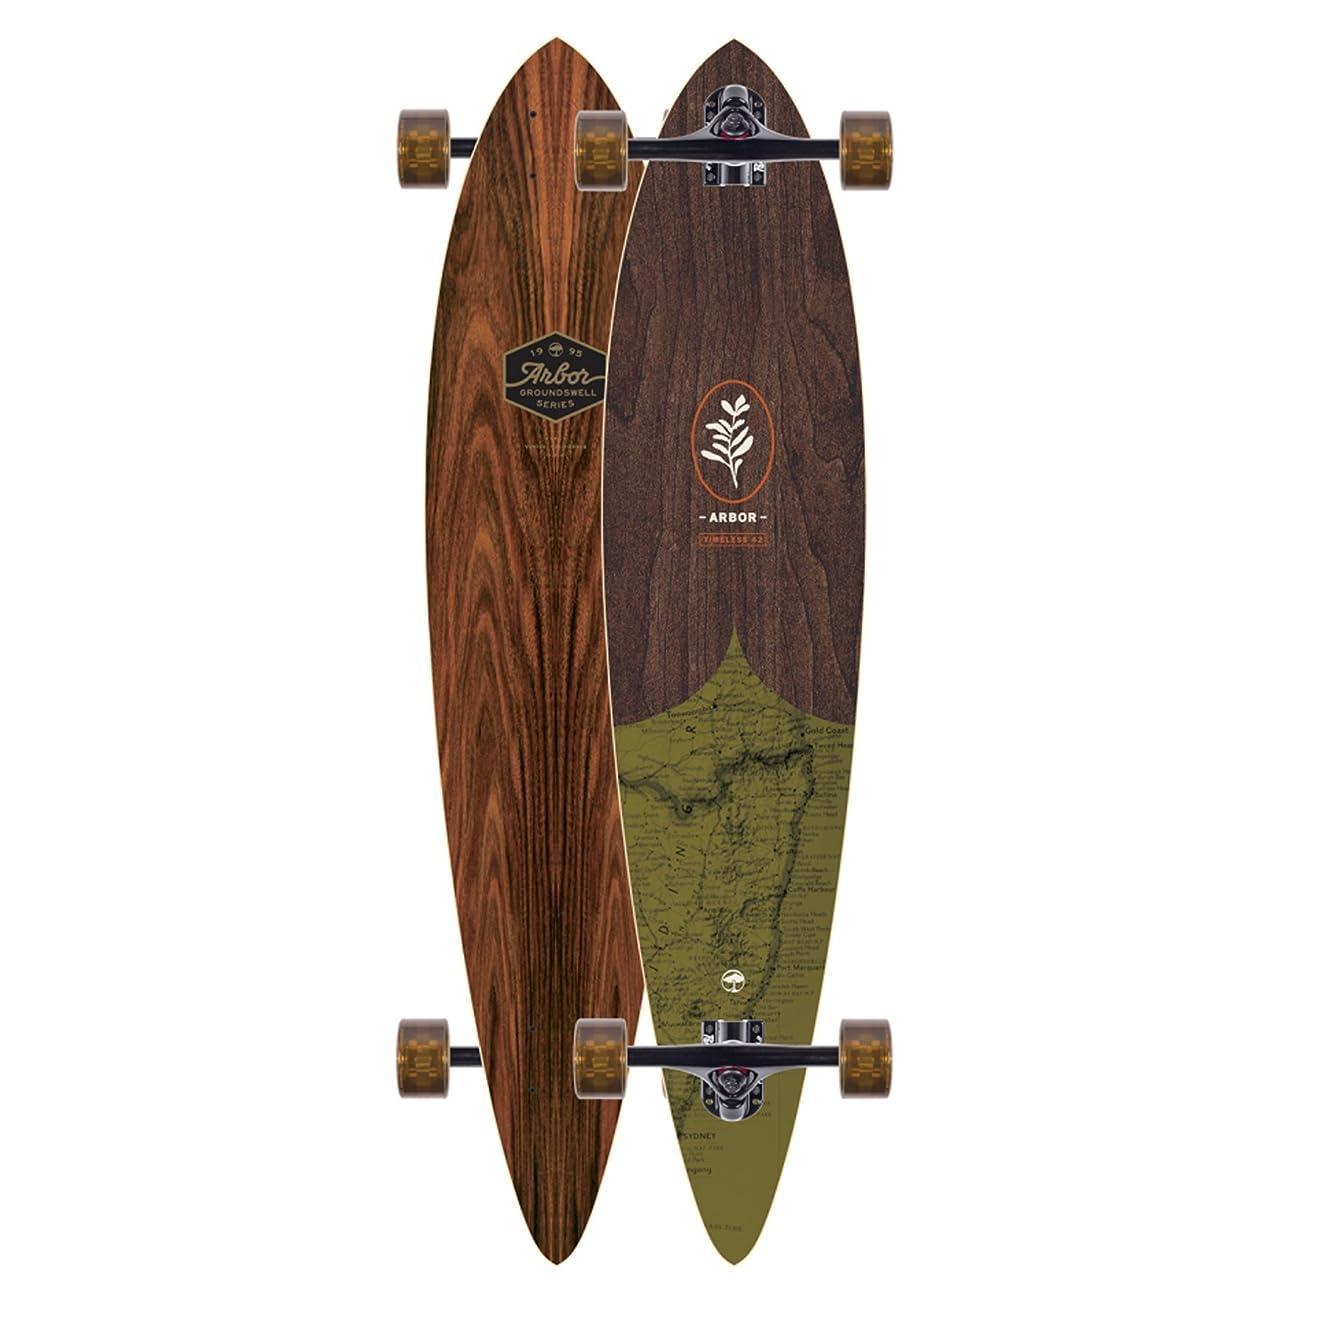 Arbor Skateboard - Timeless 42 Photo